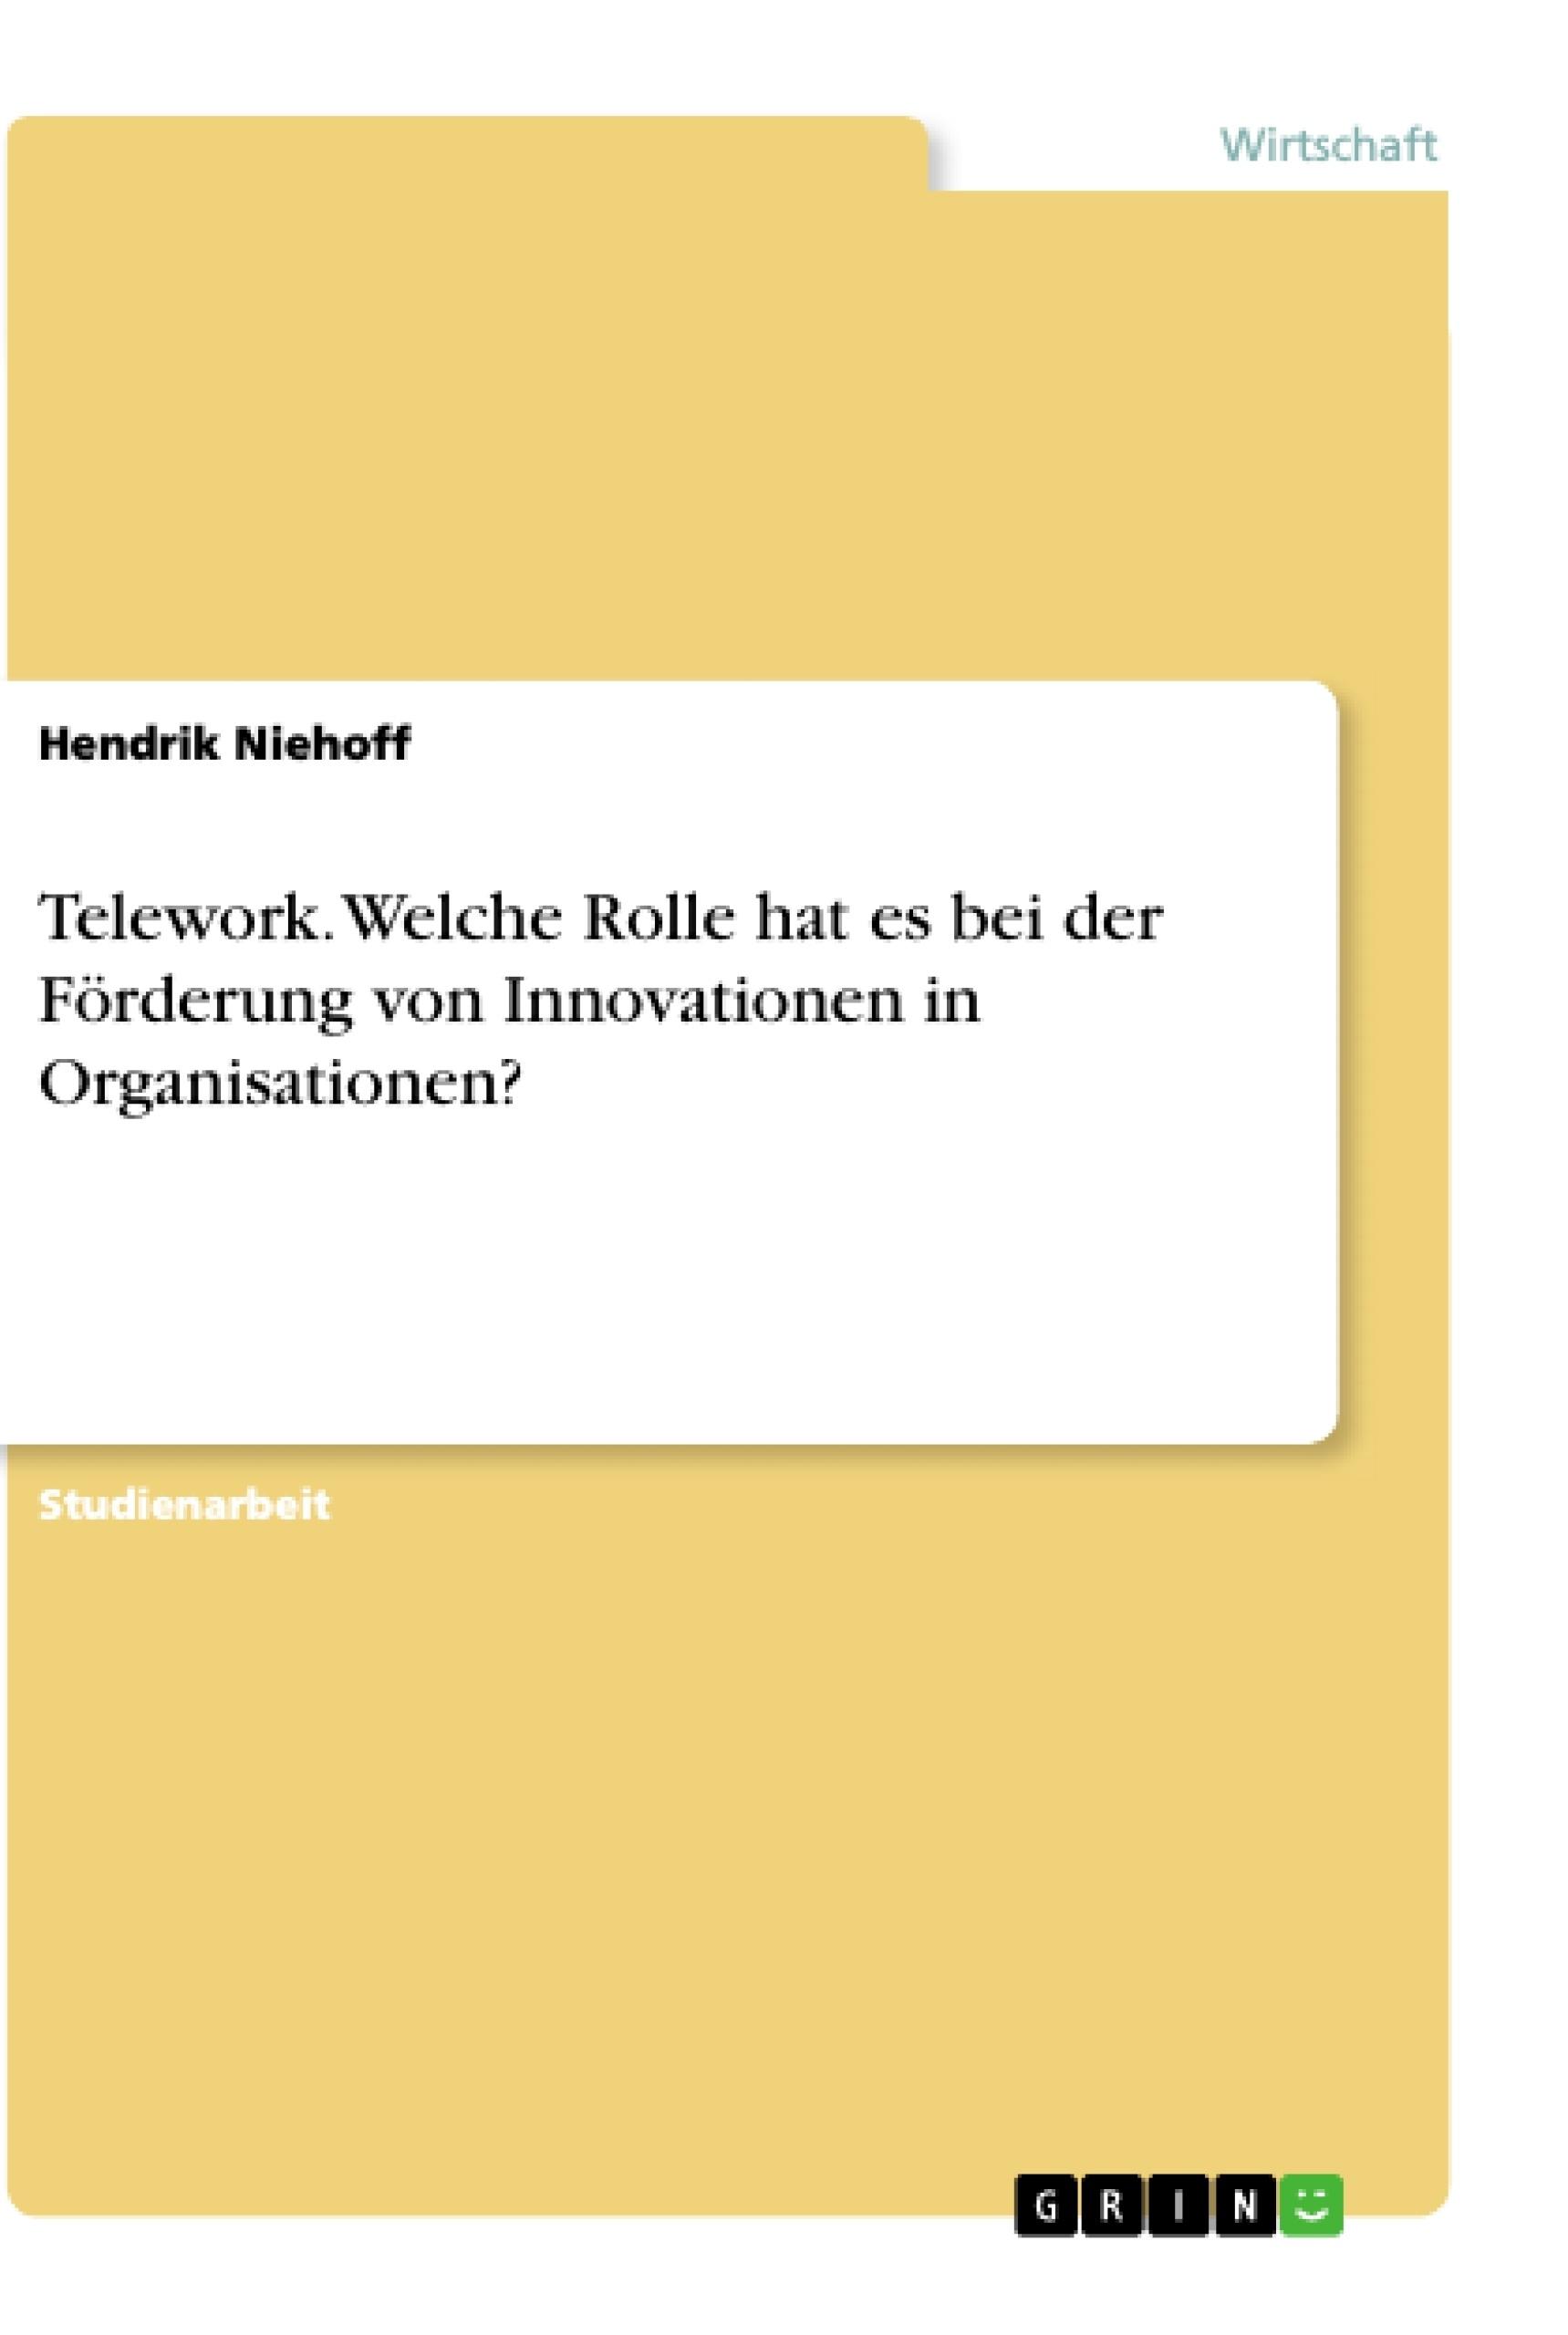 Titel: Telework. Welche Rolle hat es bei der Förderung von Innovationen in Organisationen?